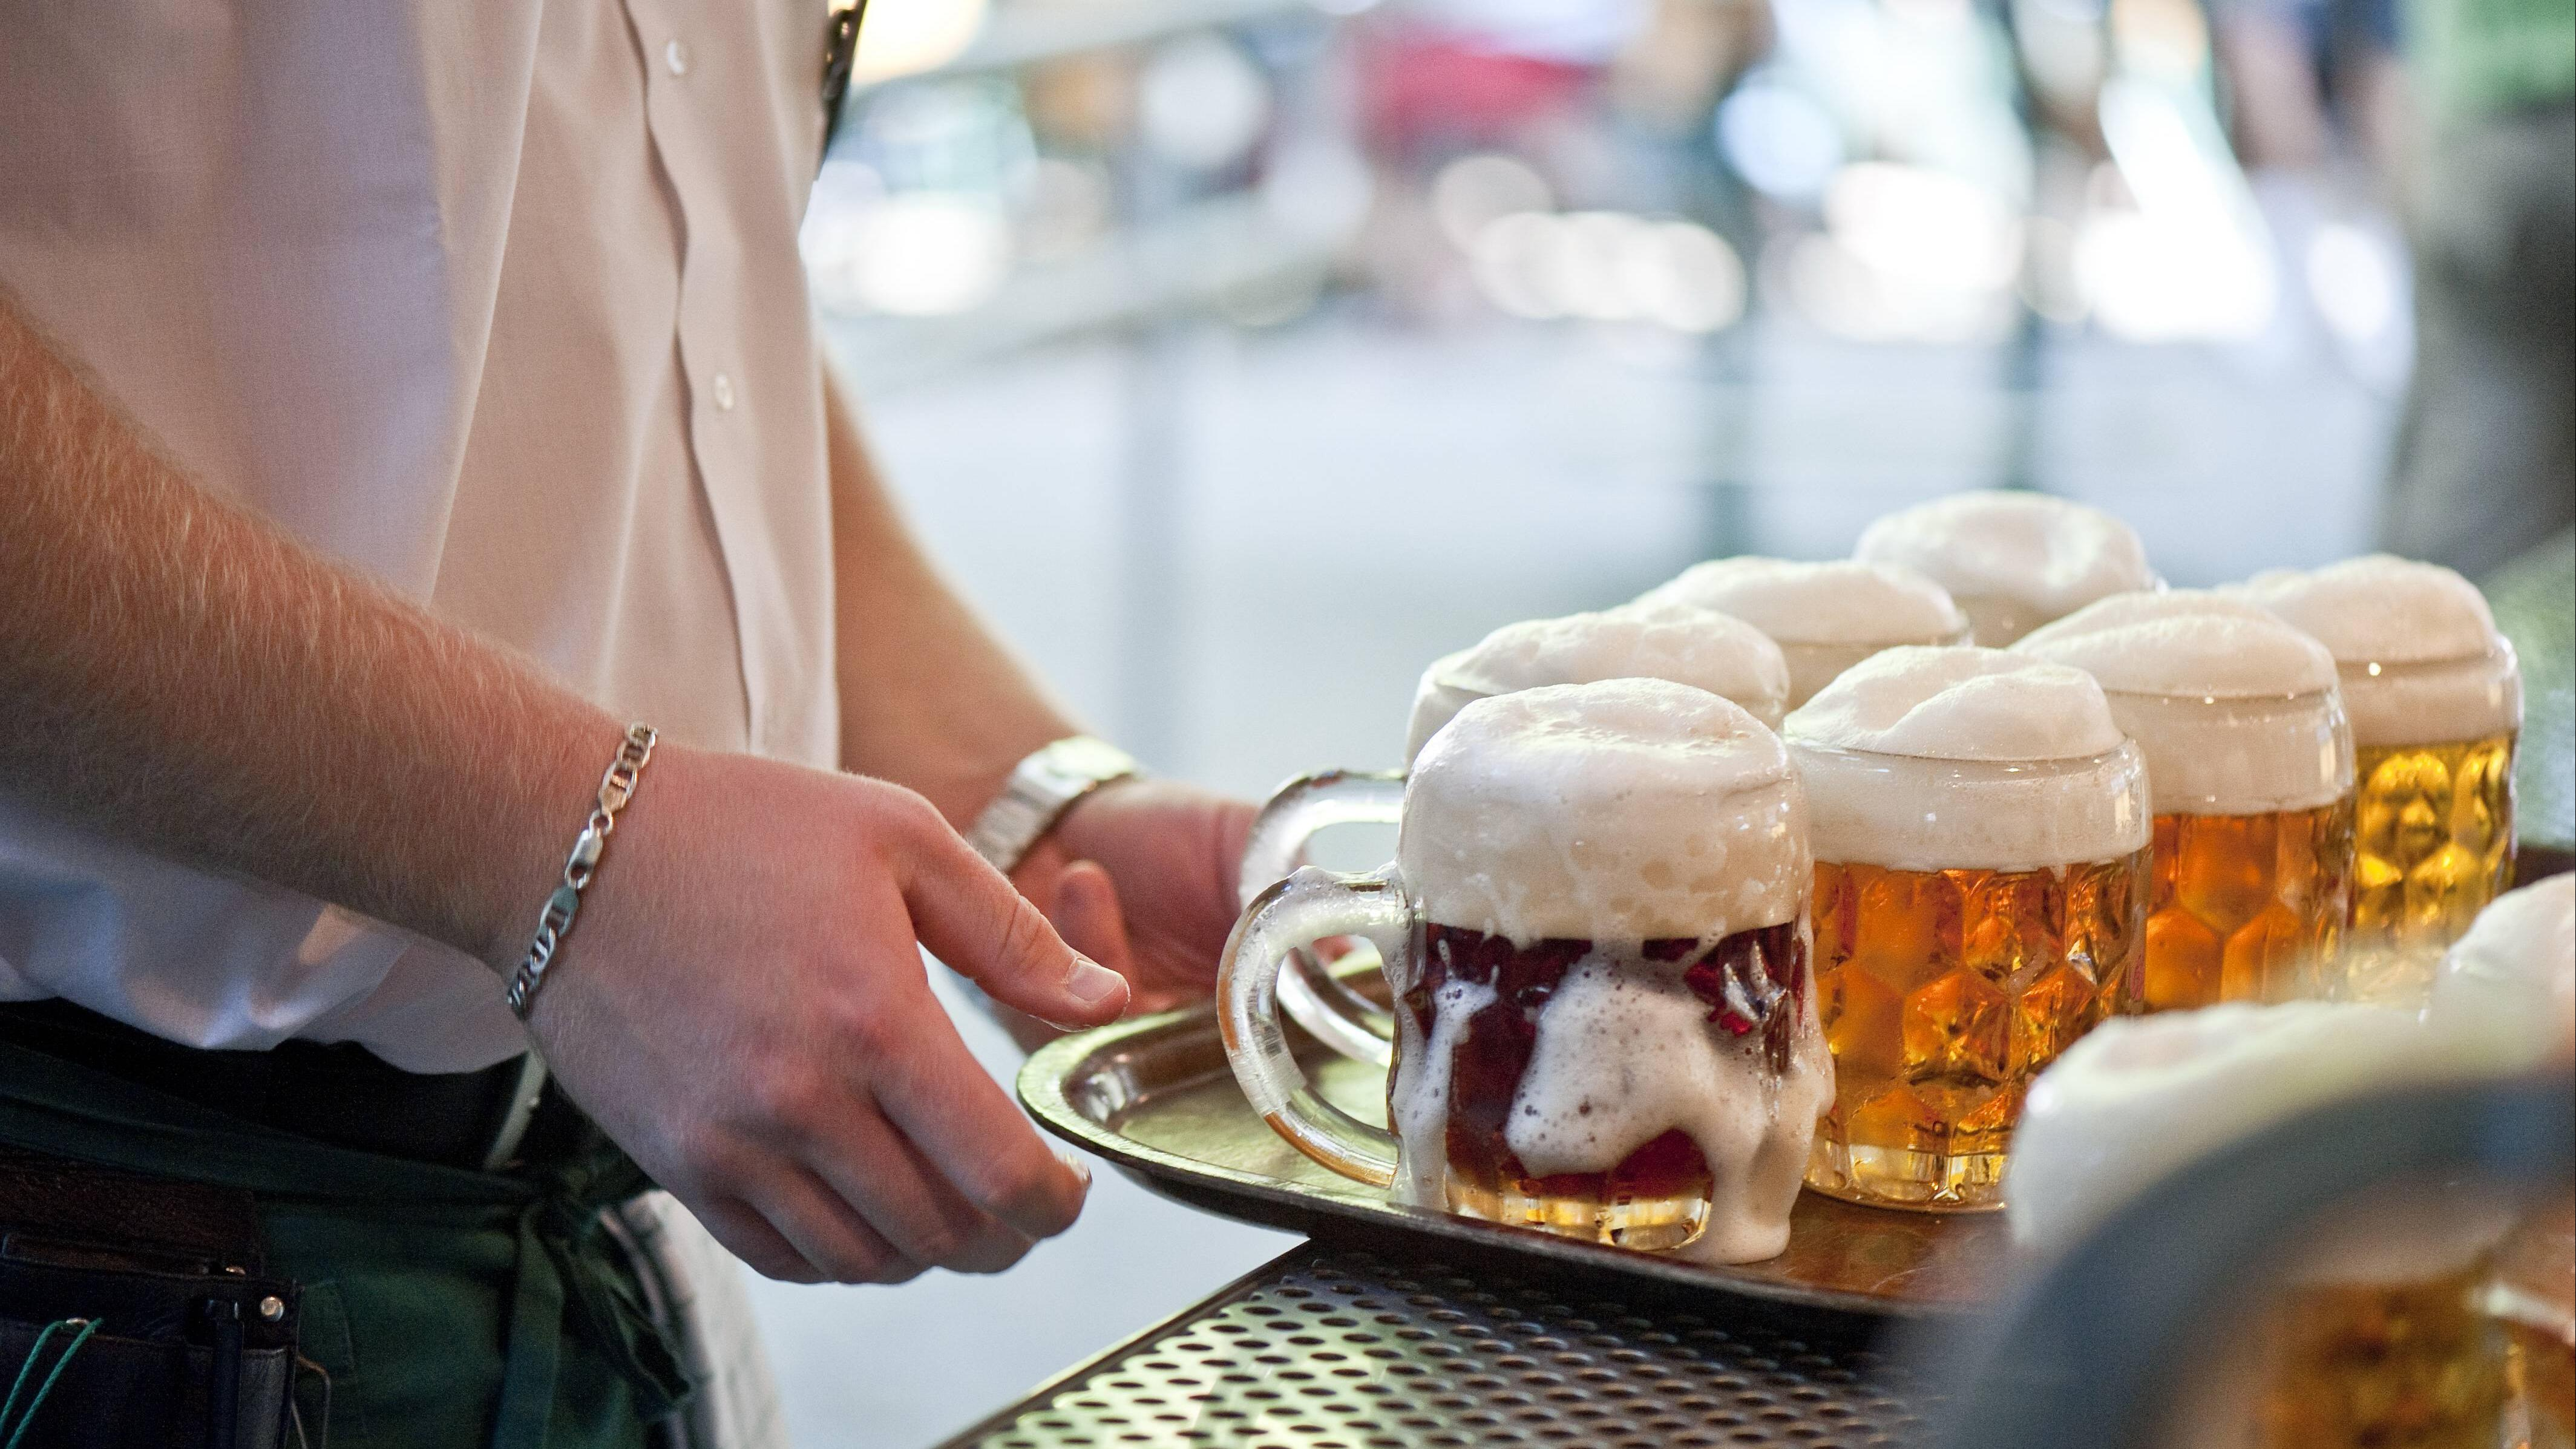 Mit polnischen Trinksprüchen können Sie sich in Restaurants und Bars schnell Freunde machen.